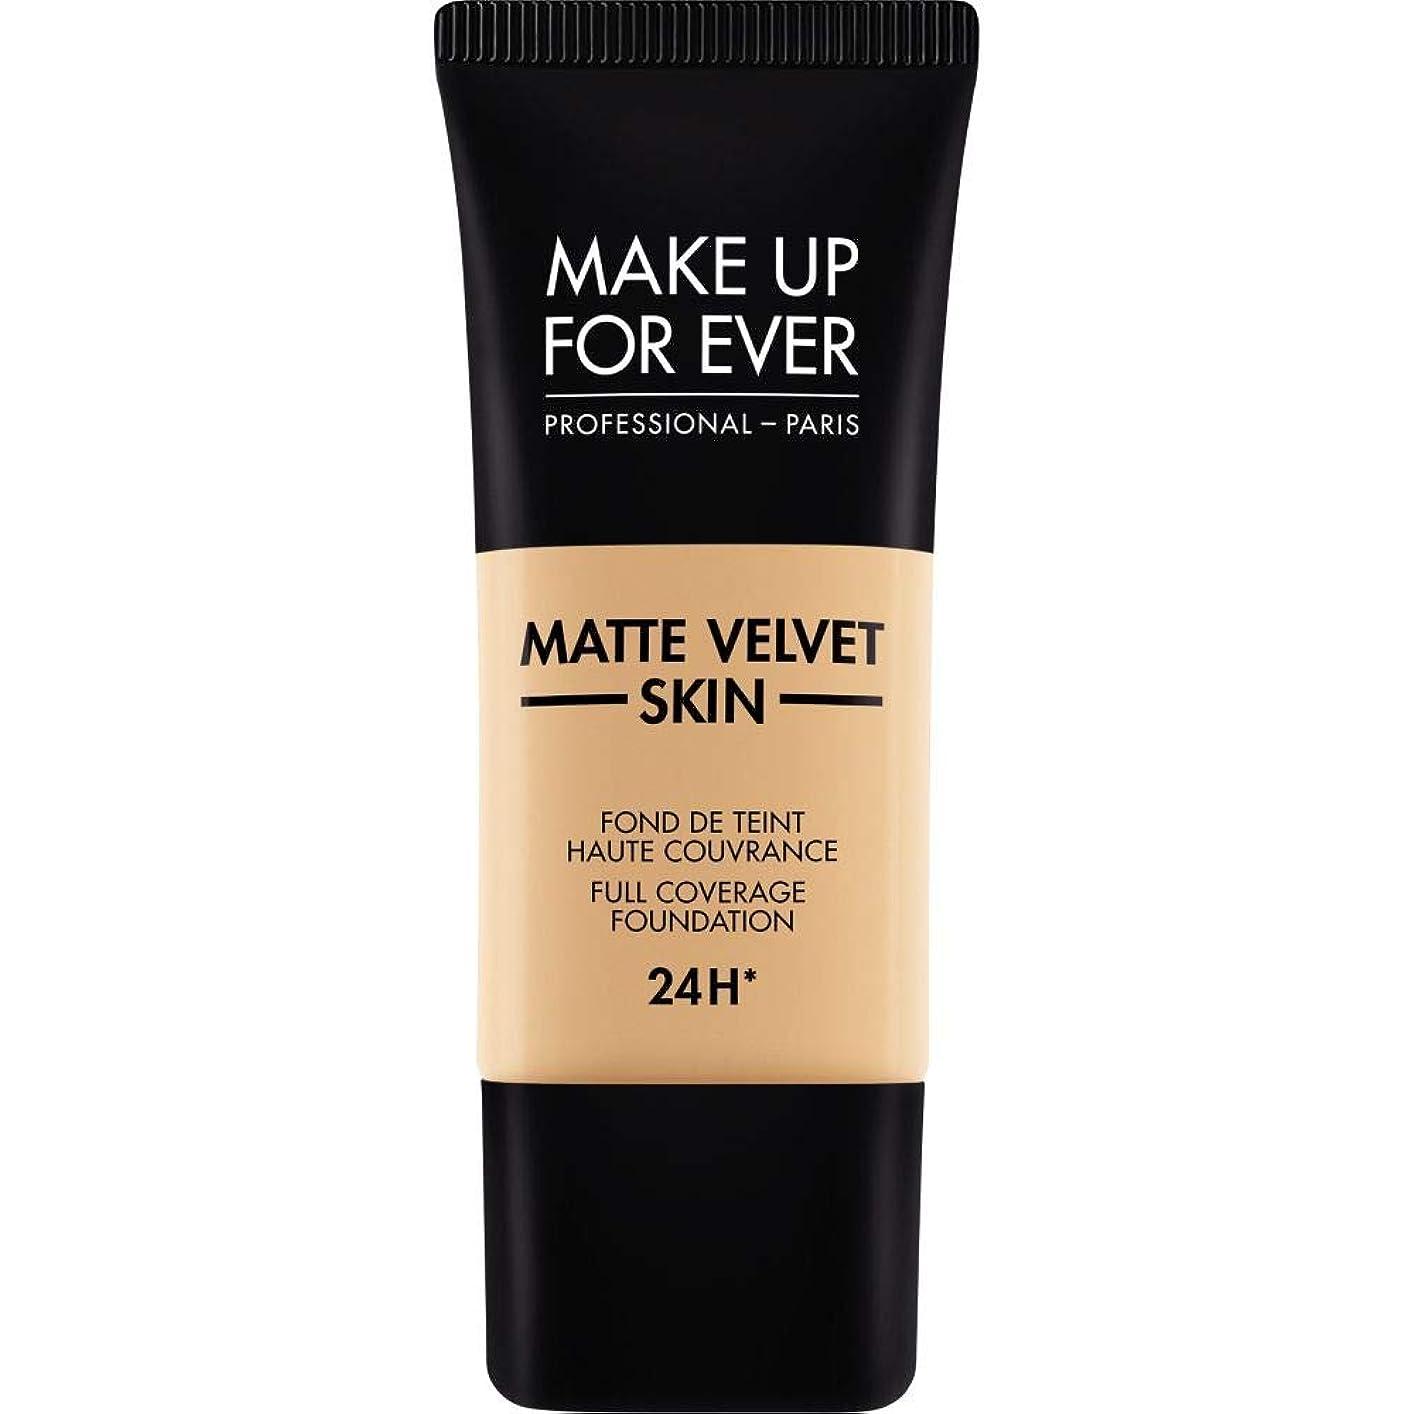 無駄に物語組立[MAKE UP FOR EVER ] 暗い砂 - これまでマットベルベットの皮膚のフルカバレッジ基礎30ミリリットルのY335を補います - MAKE UP FOR EVER Matte Velvet Skin Full Coverage Foundation 30ml Y335 - Dark Sand [並行輸入品]